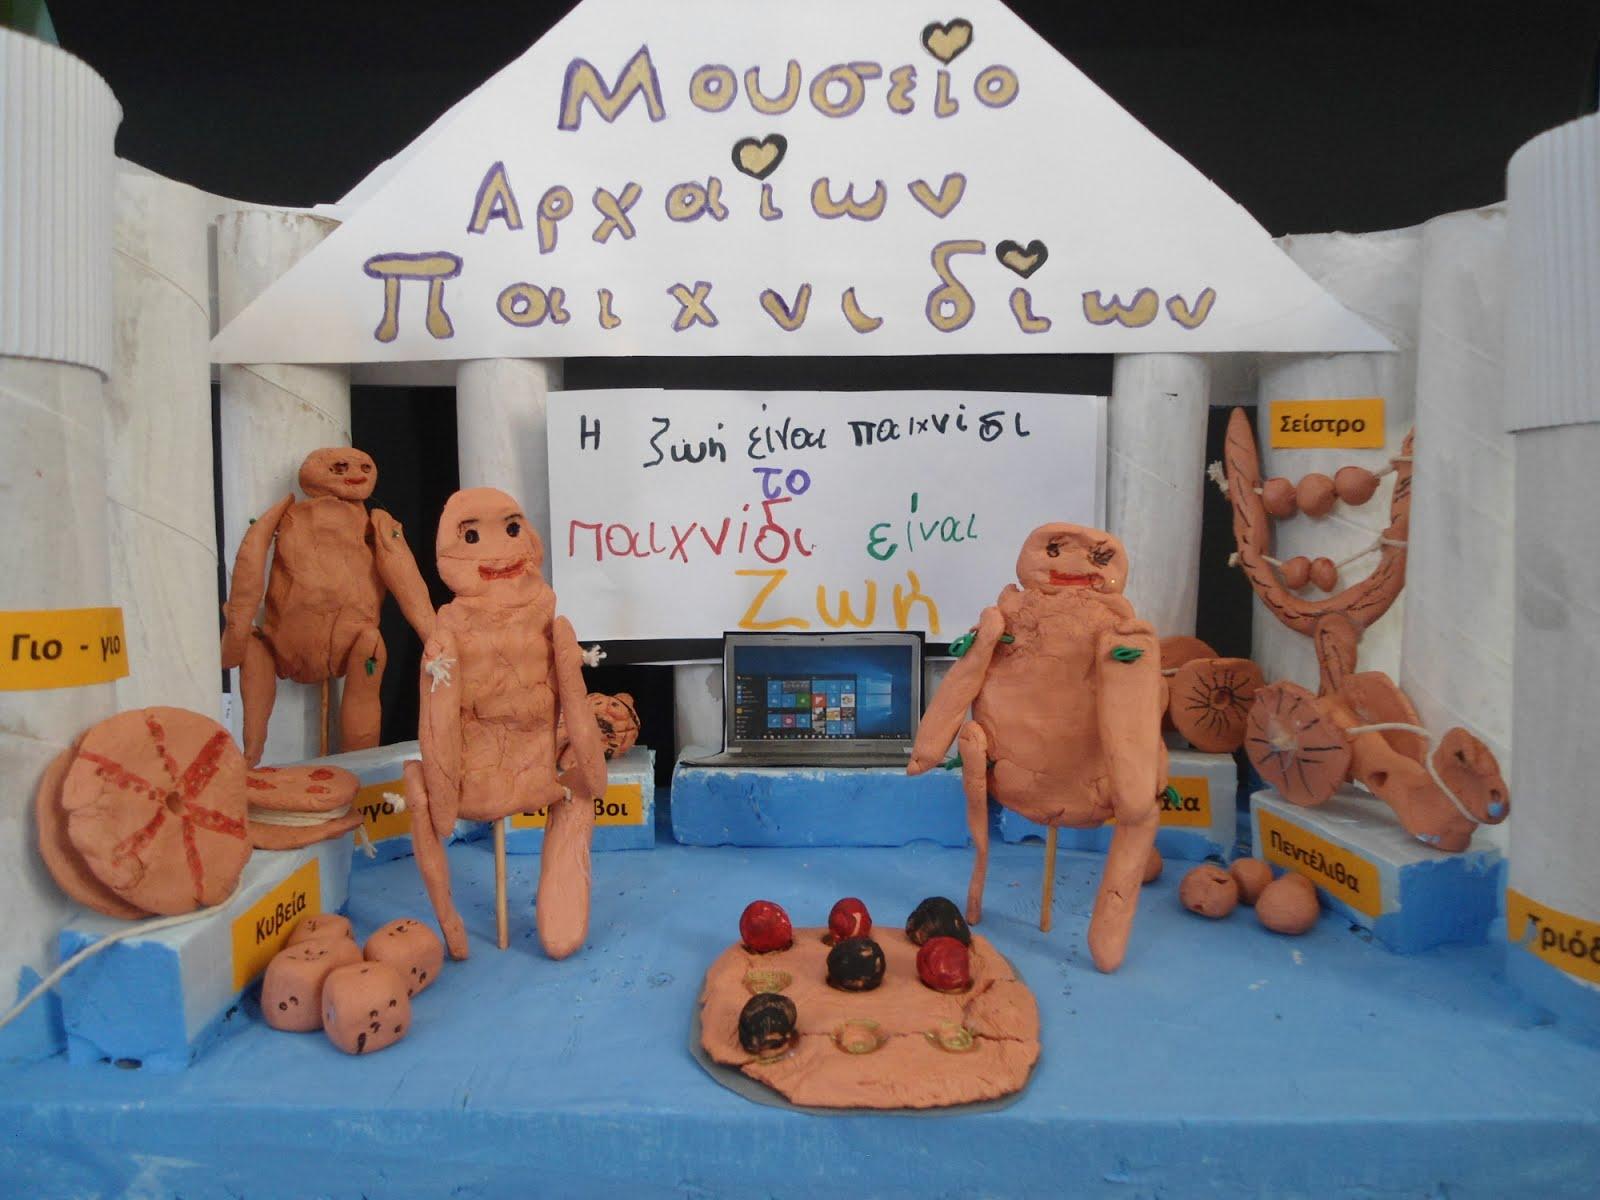 Μουσείο Αρχαίων Παιχνιδίων (animation)